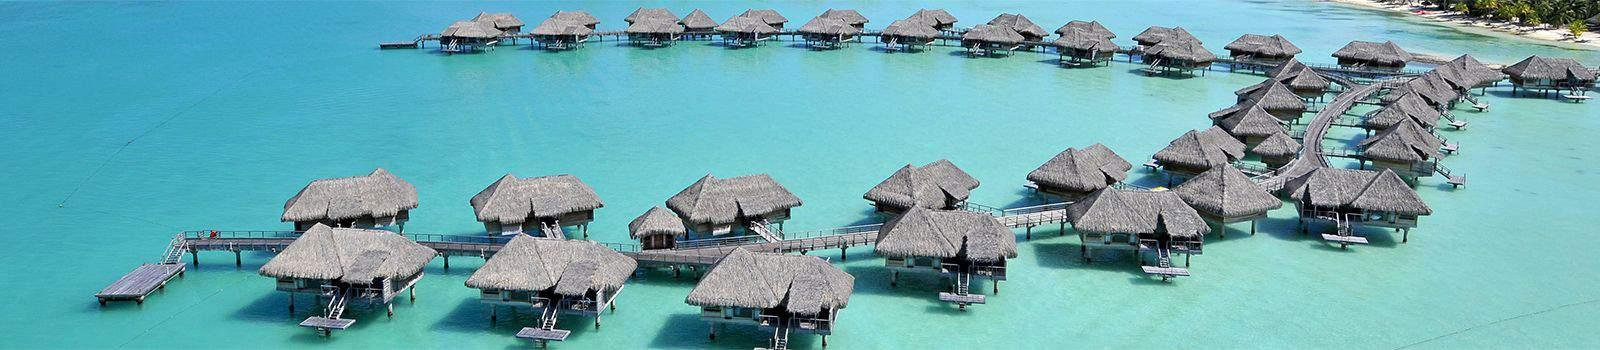 大溪地 Bora Bora的水上屋因為用點數就可以換到,已經另類成為點數玩家的目標(圖片截至官網)